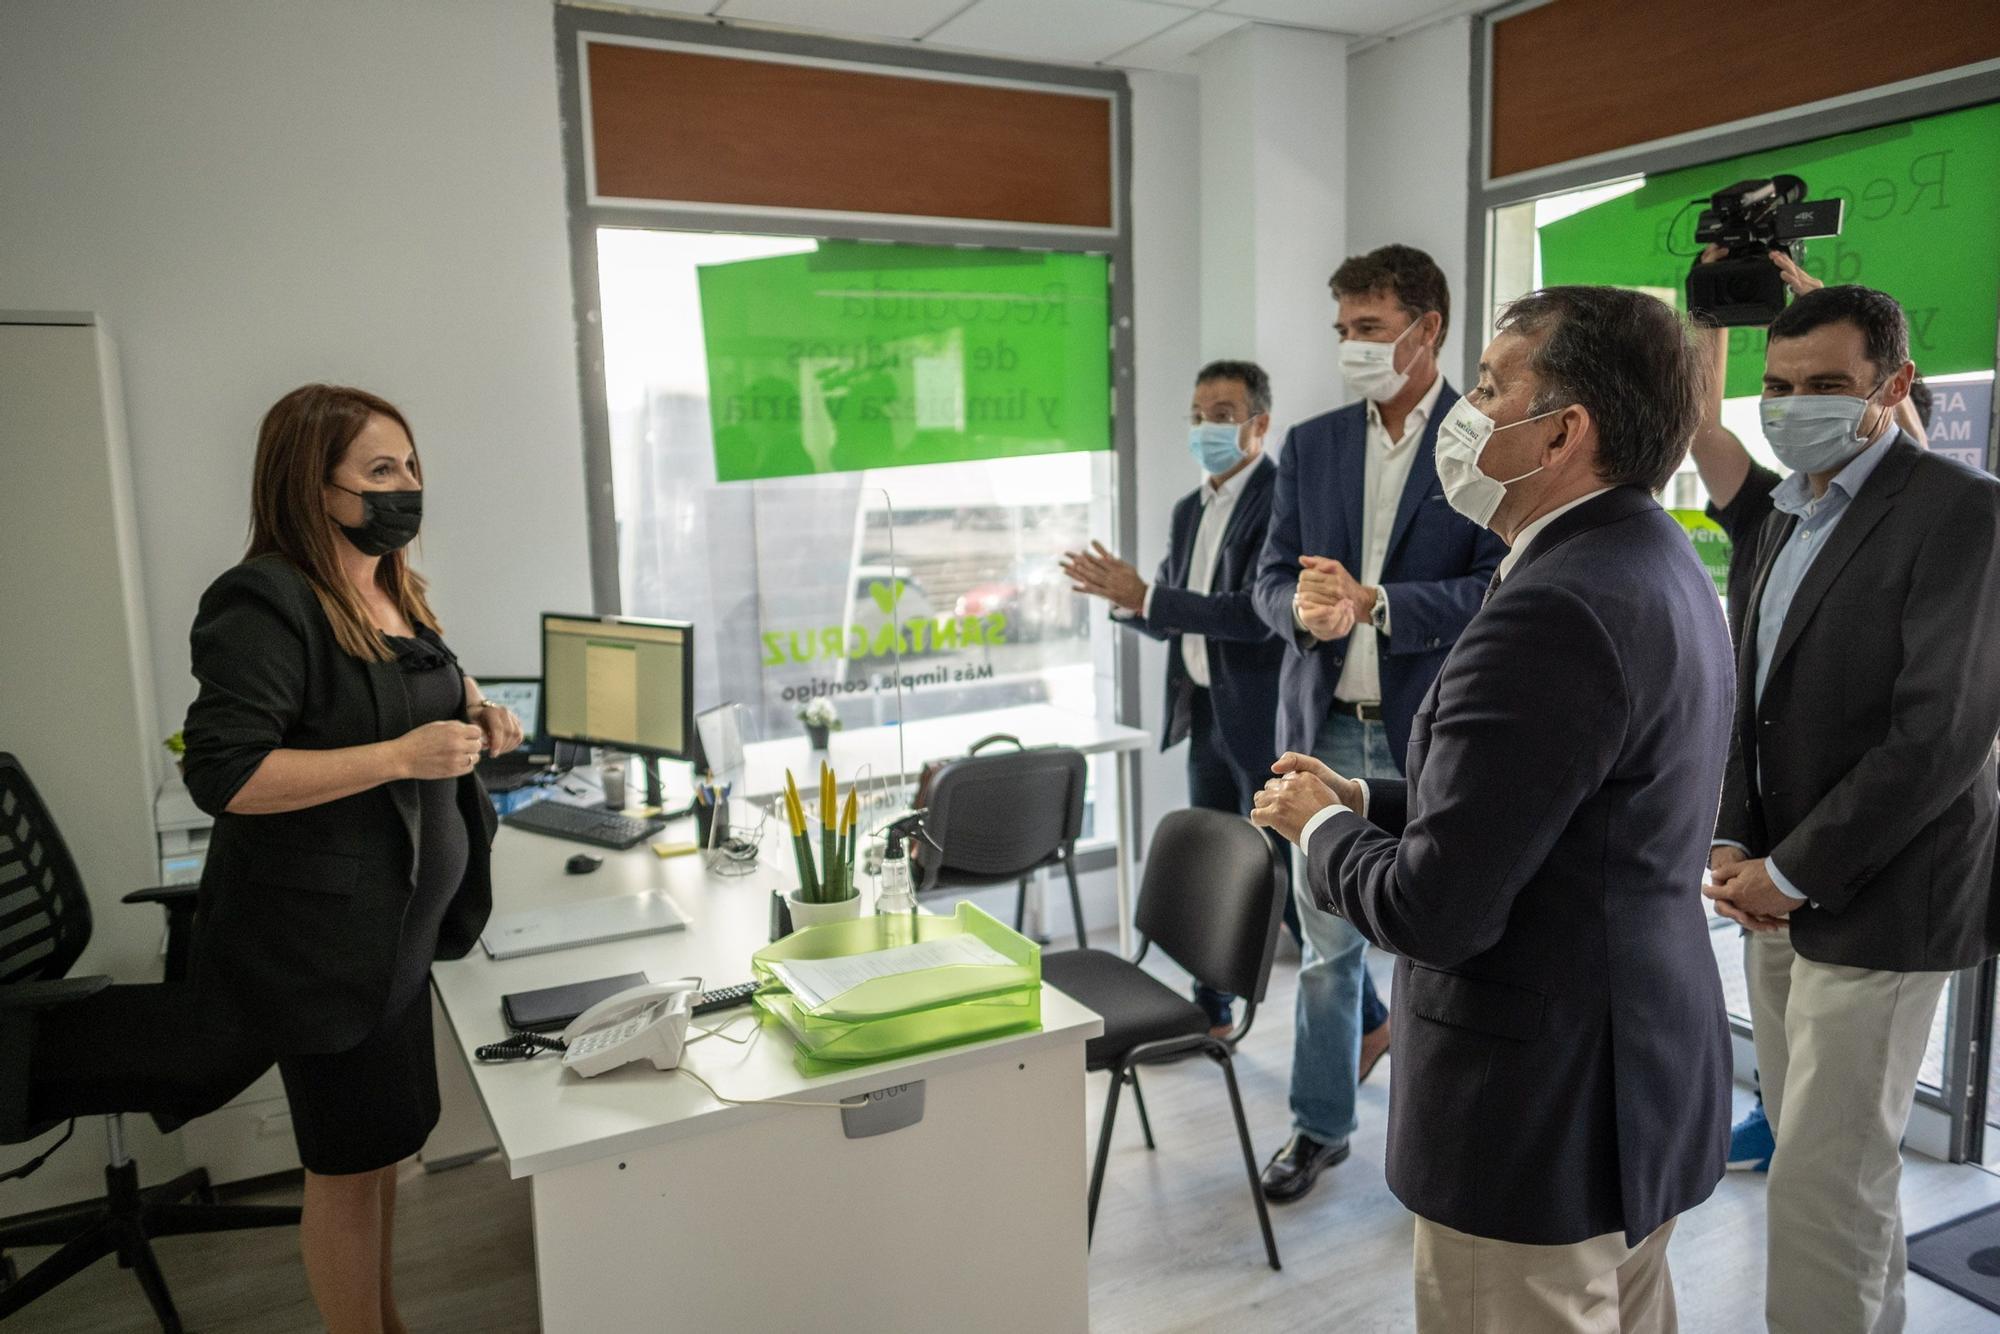 Inauguracion oficina Valoriza, empresa limpieza y recogida residuos Santa Cruz